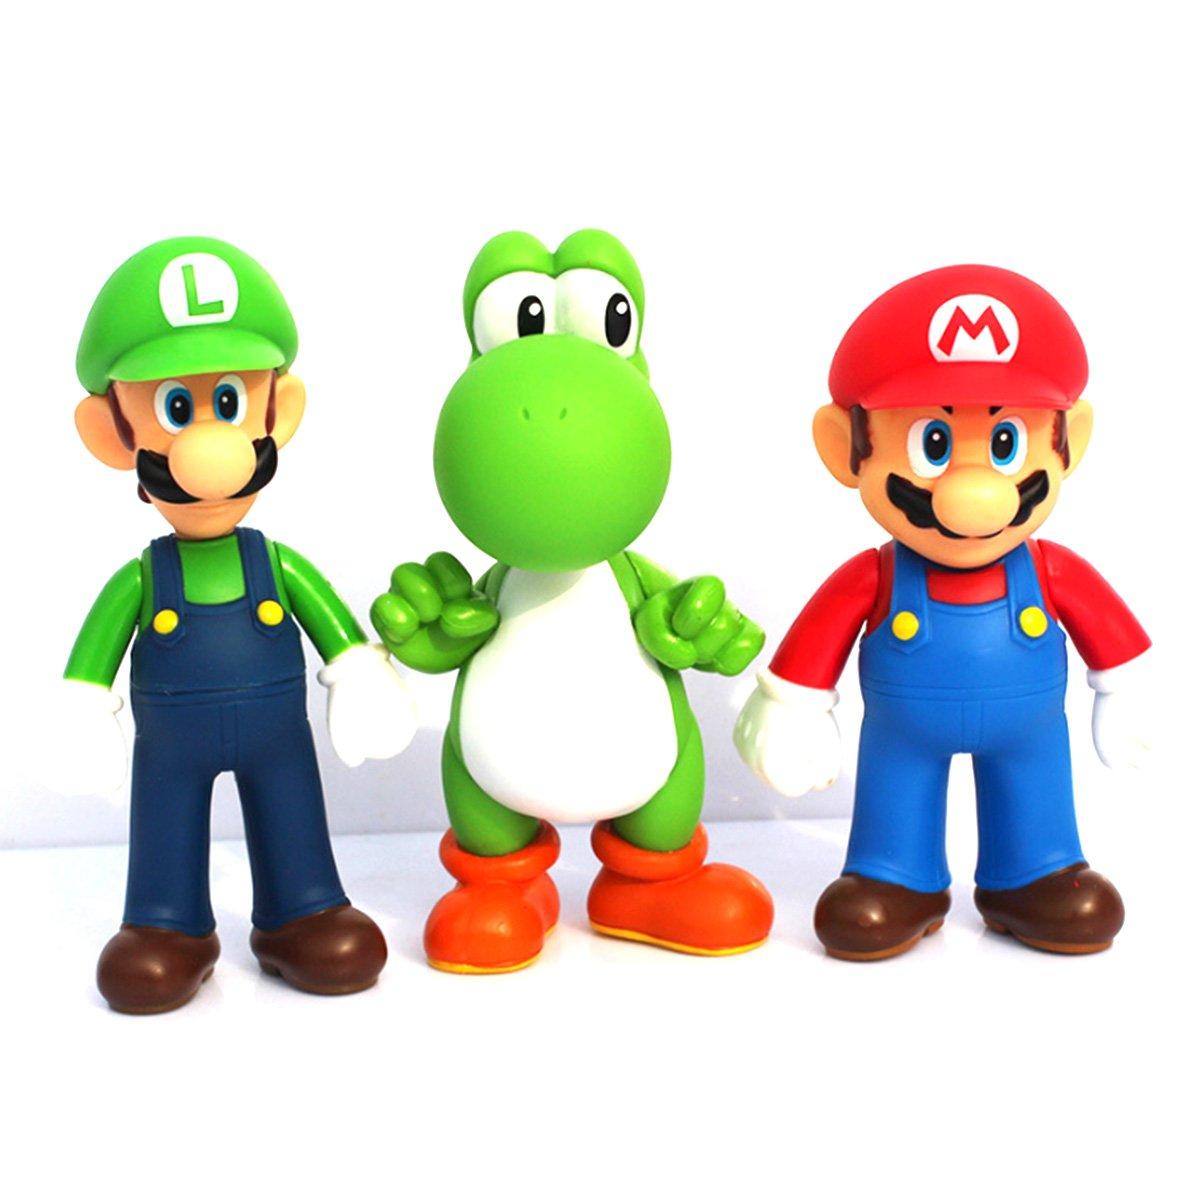 Jiahui Brand 3 Pcs Super Mario Bros Luigi Mario Yoshi PVC Action Figures Toy, 4.7 4.7